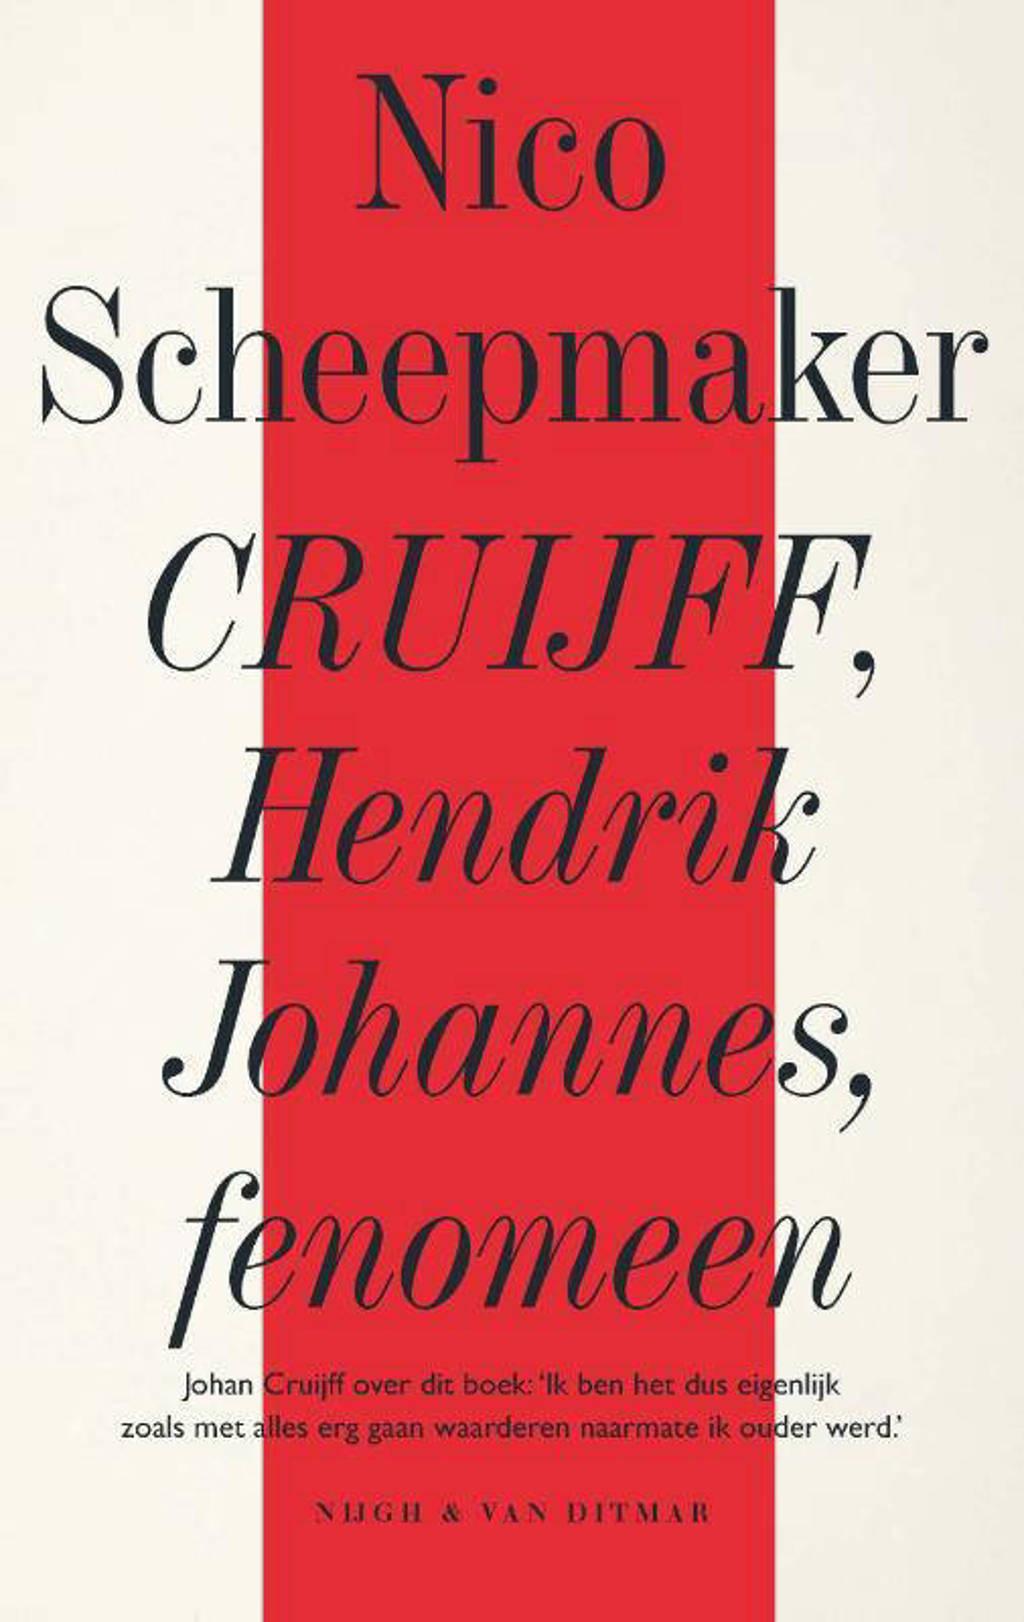 Cruijff - Nico Scheepmaker